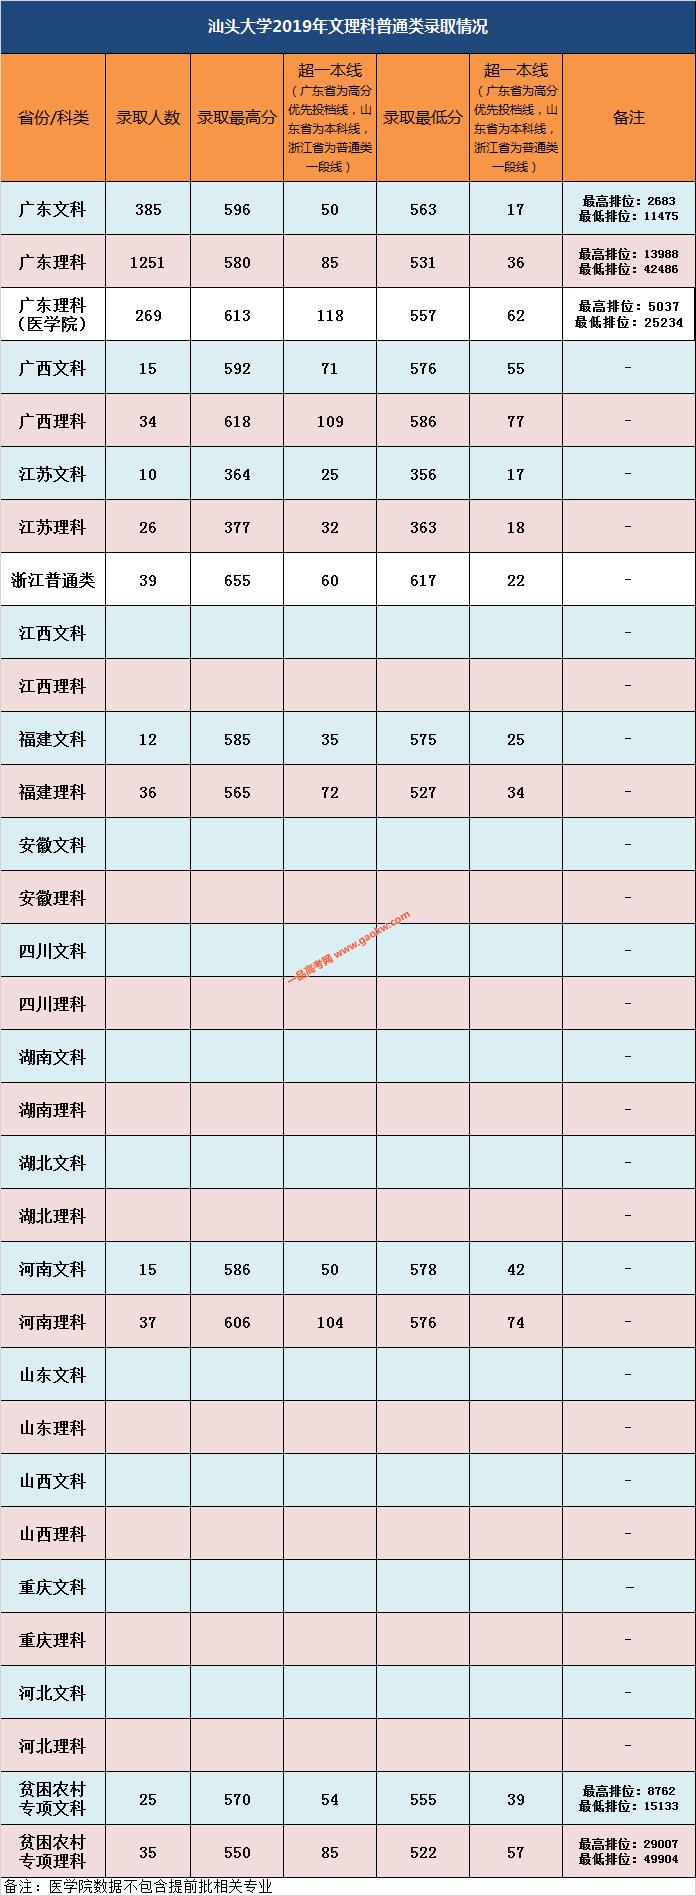 汕头大学普通类2019年录取分数线(持续更新)